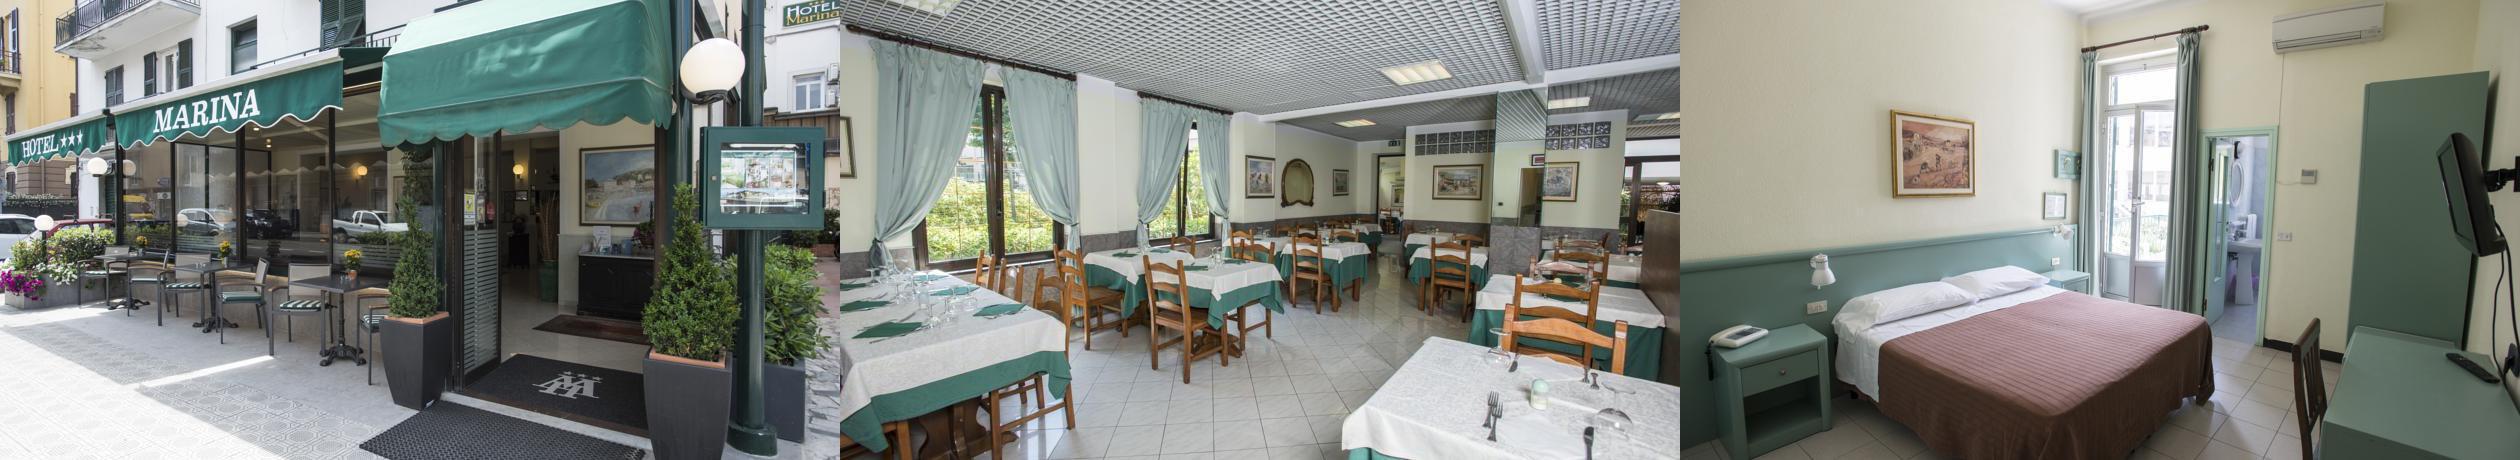 albergo-marina